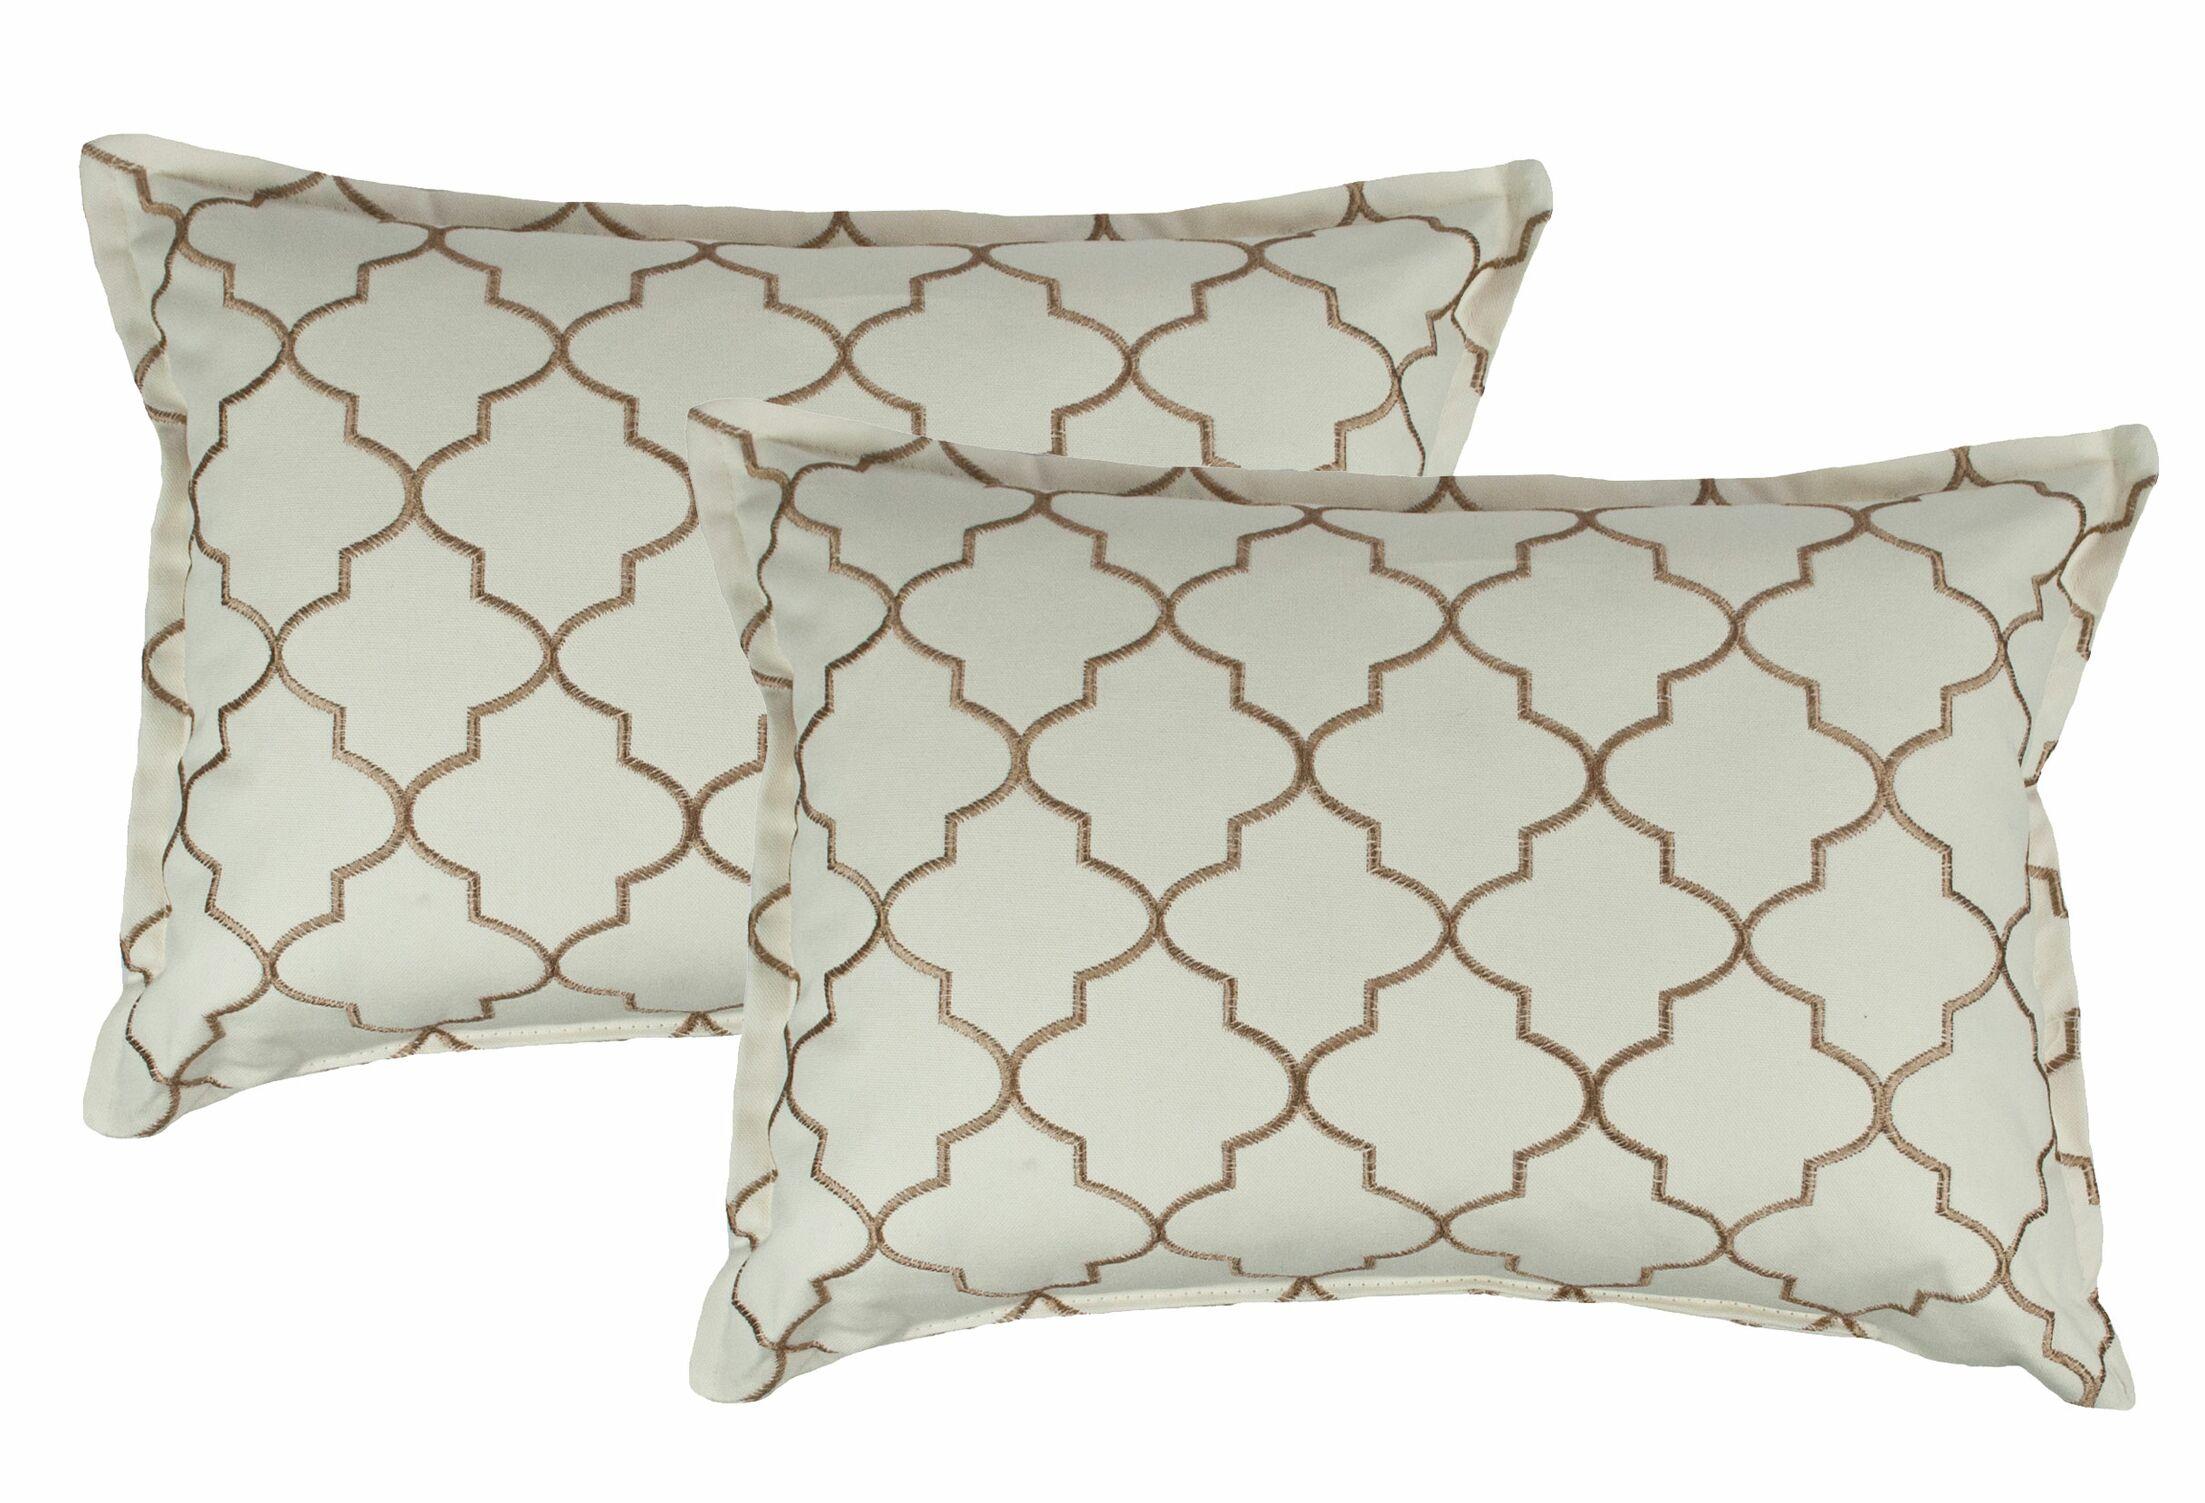 Reversible Boudoir Decorative Cotton Lumbar Pillow Color: Dark Gold